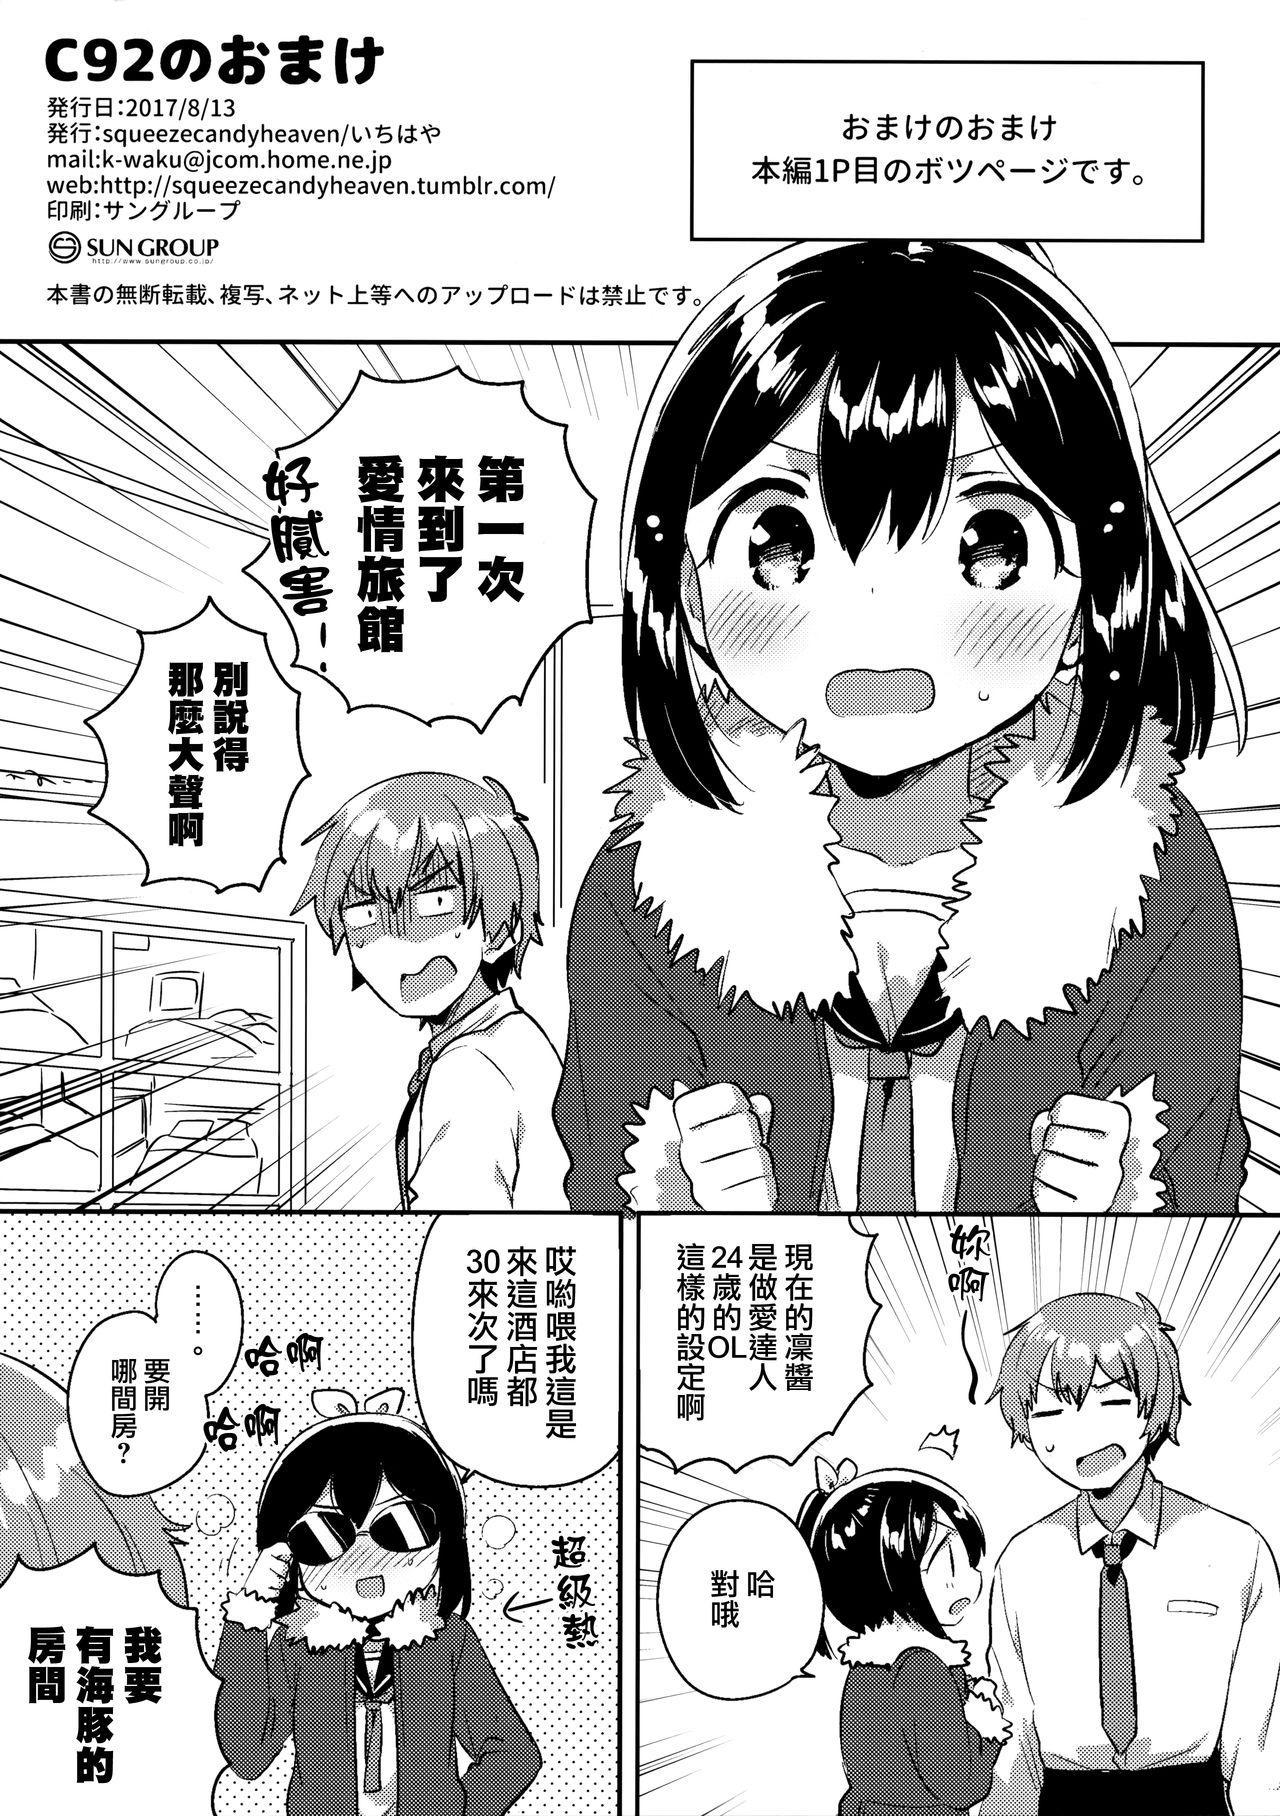 300 Manen Hoshii! + Kaijou Gentei Omakebon 42